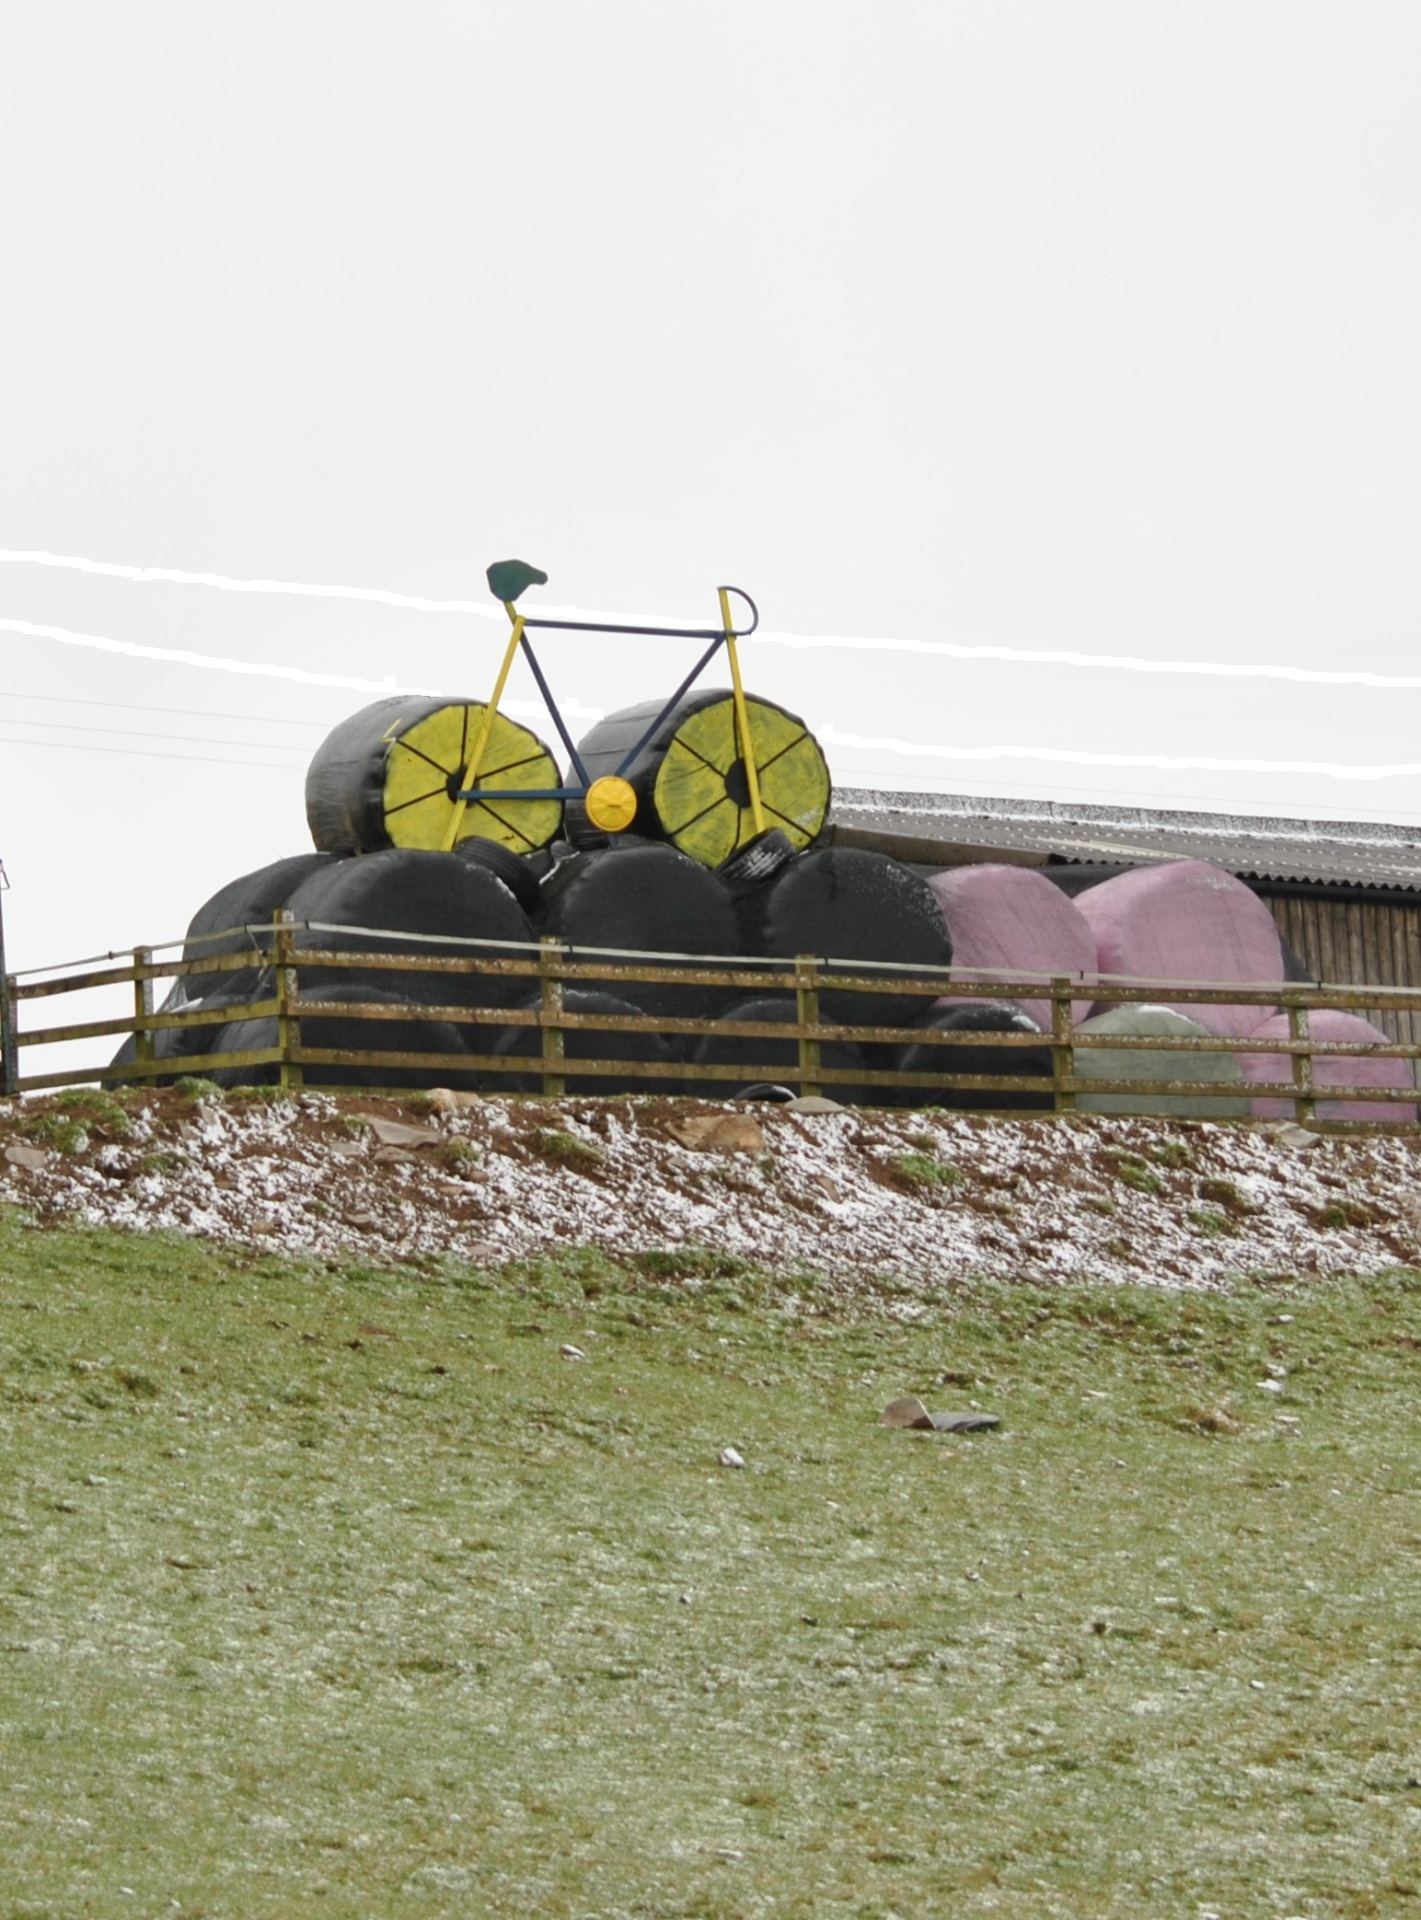 Le tour de yorkshire, rawlinshaw, Settle, bike race, tourdeyorkshire, TDY